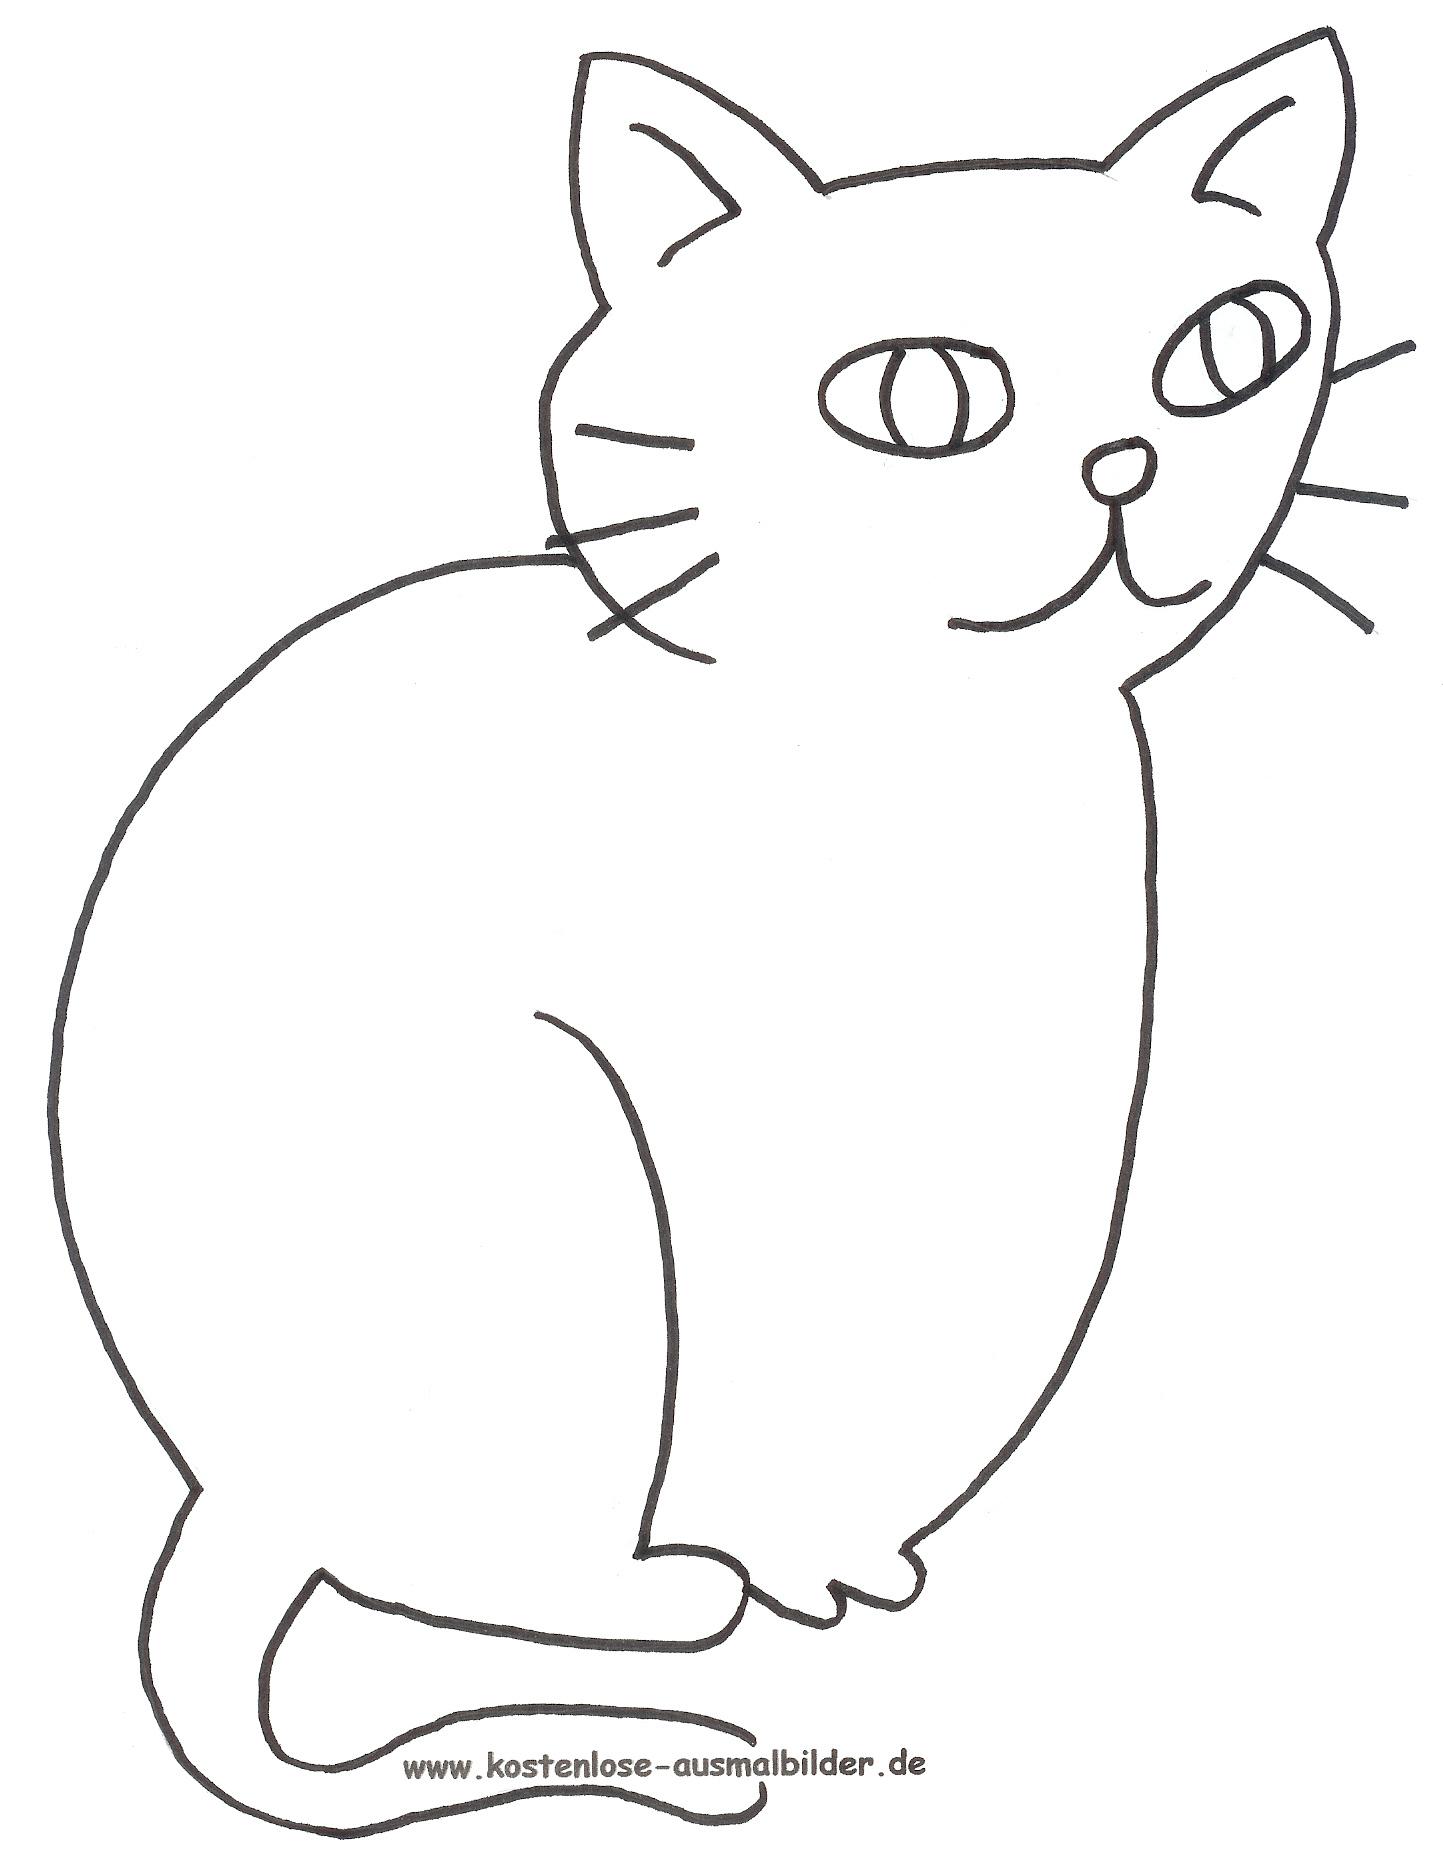 Ausmalbild Katze Zum Ausdrucken mit Ausmalbilder Katzen Kostenlos